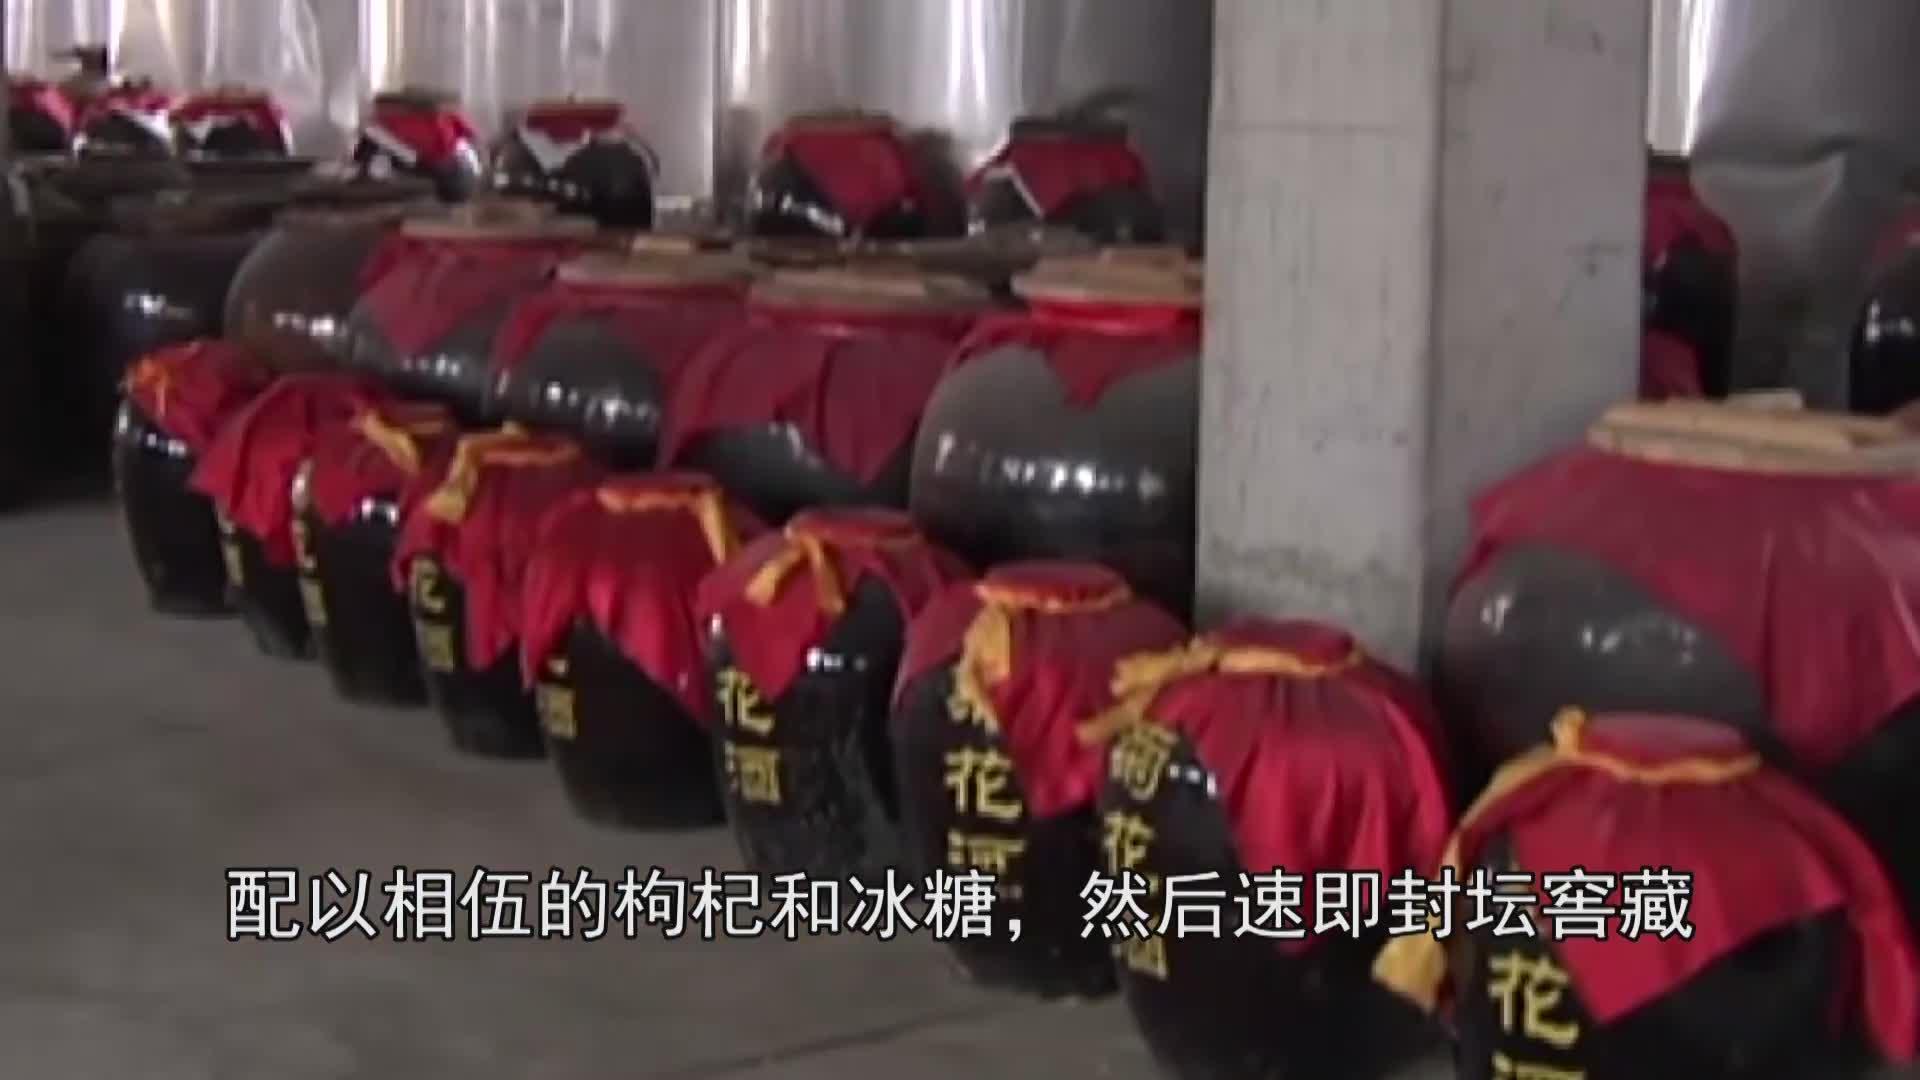 短视频《非遗文化·匠心传承》——重阳菊花酒酿造技艺